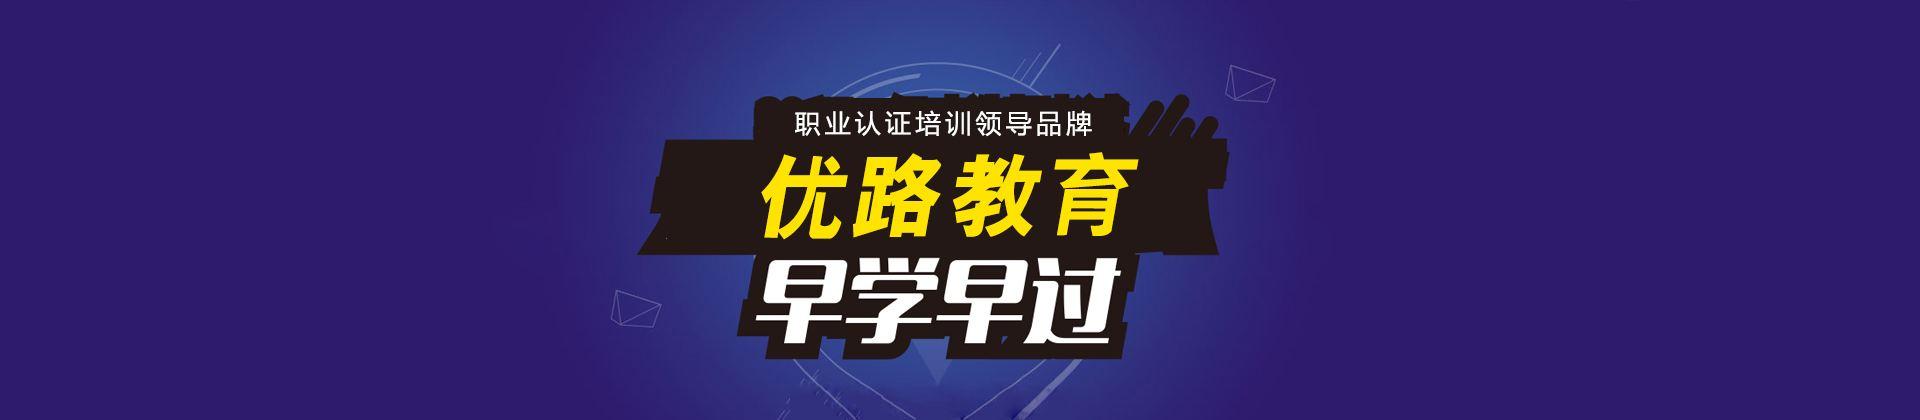 广东珠海优路教育培训学校